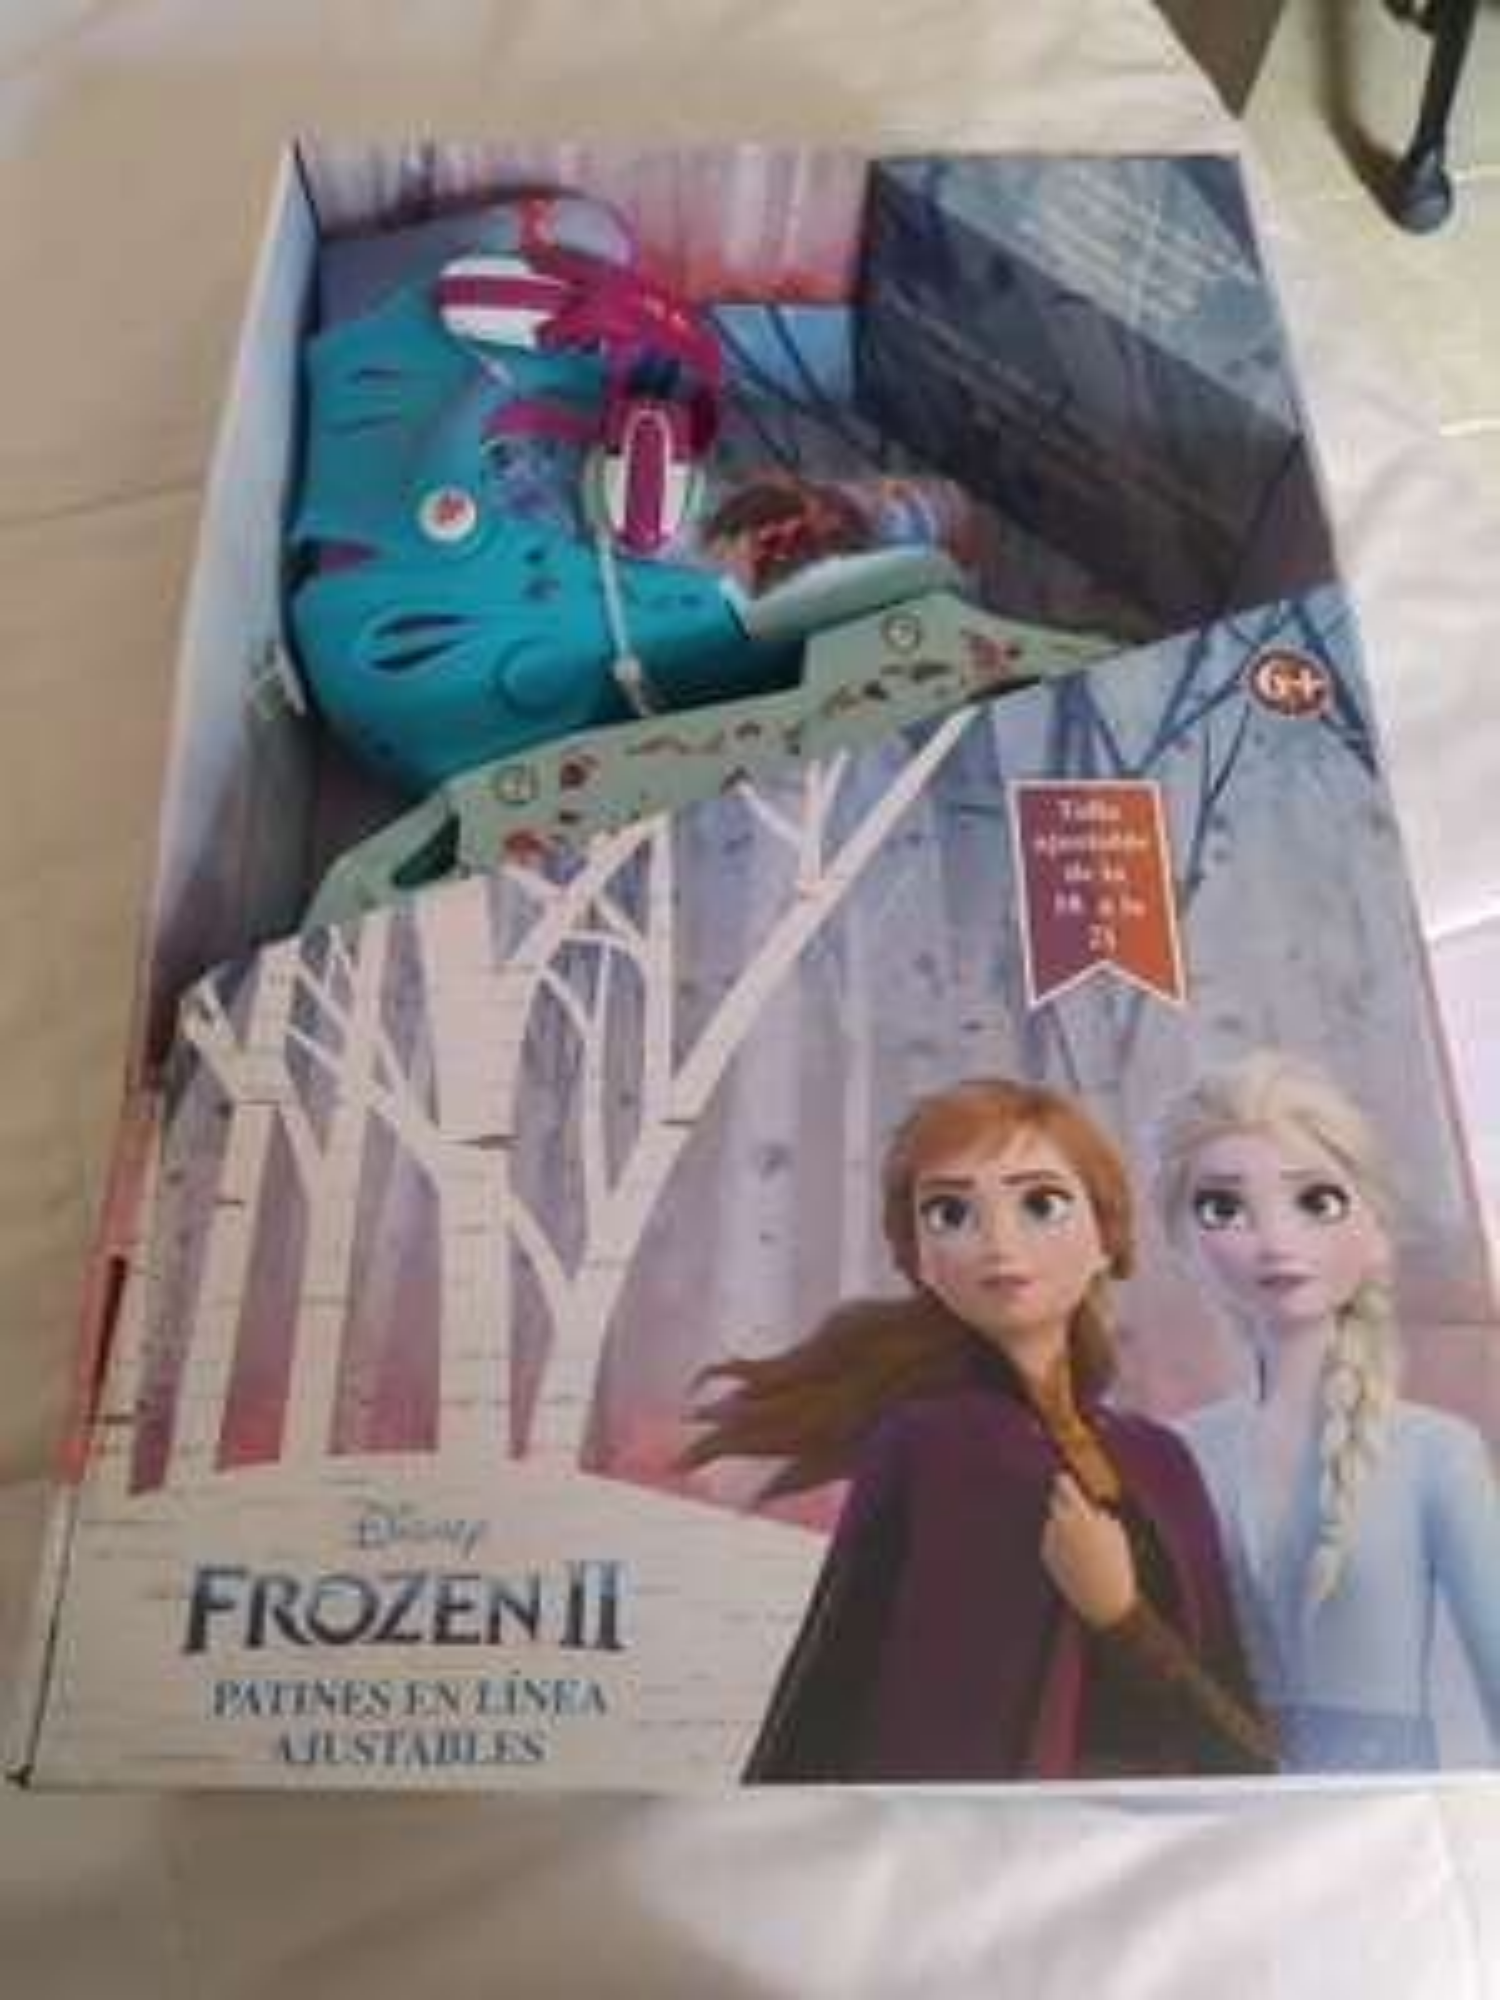 Chedraui Coapa: Patines de Frozen en 63 pesos